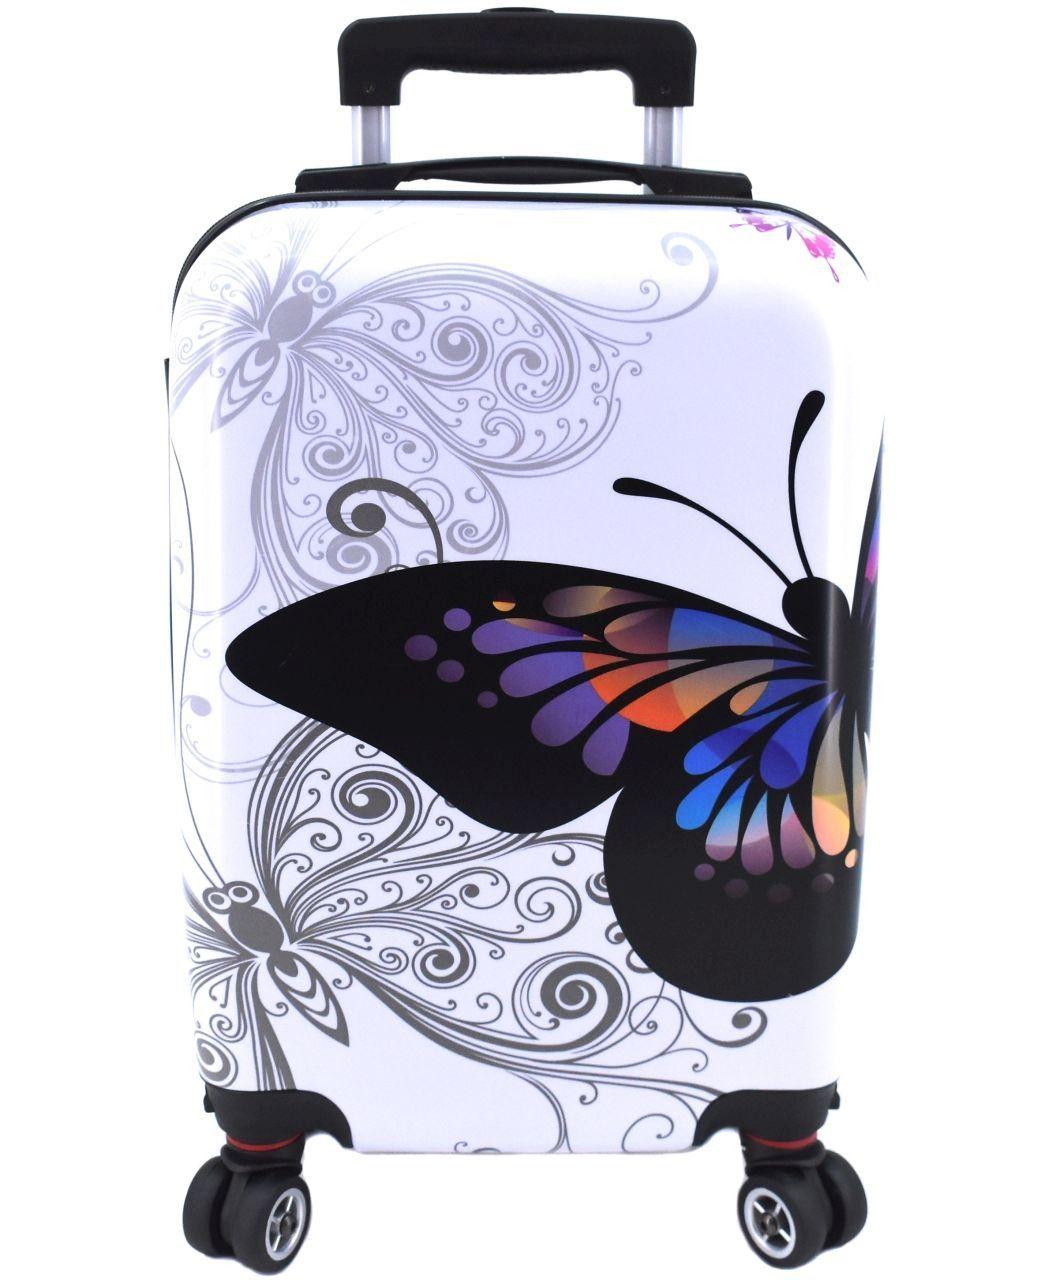 Cestovní palubní kufr na čtyřech kolečkách Arteddy -(XS) 30l motýl/bílá 37148 (XS)